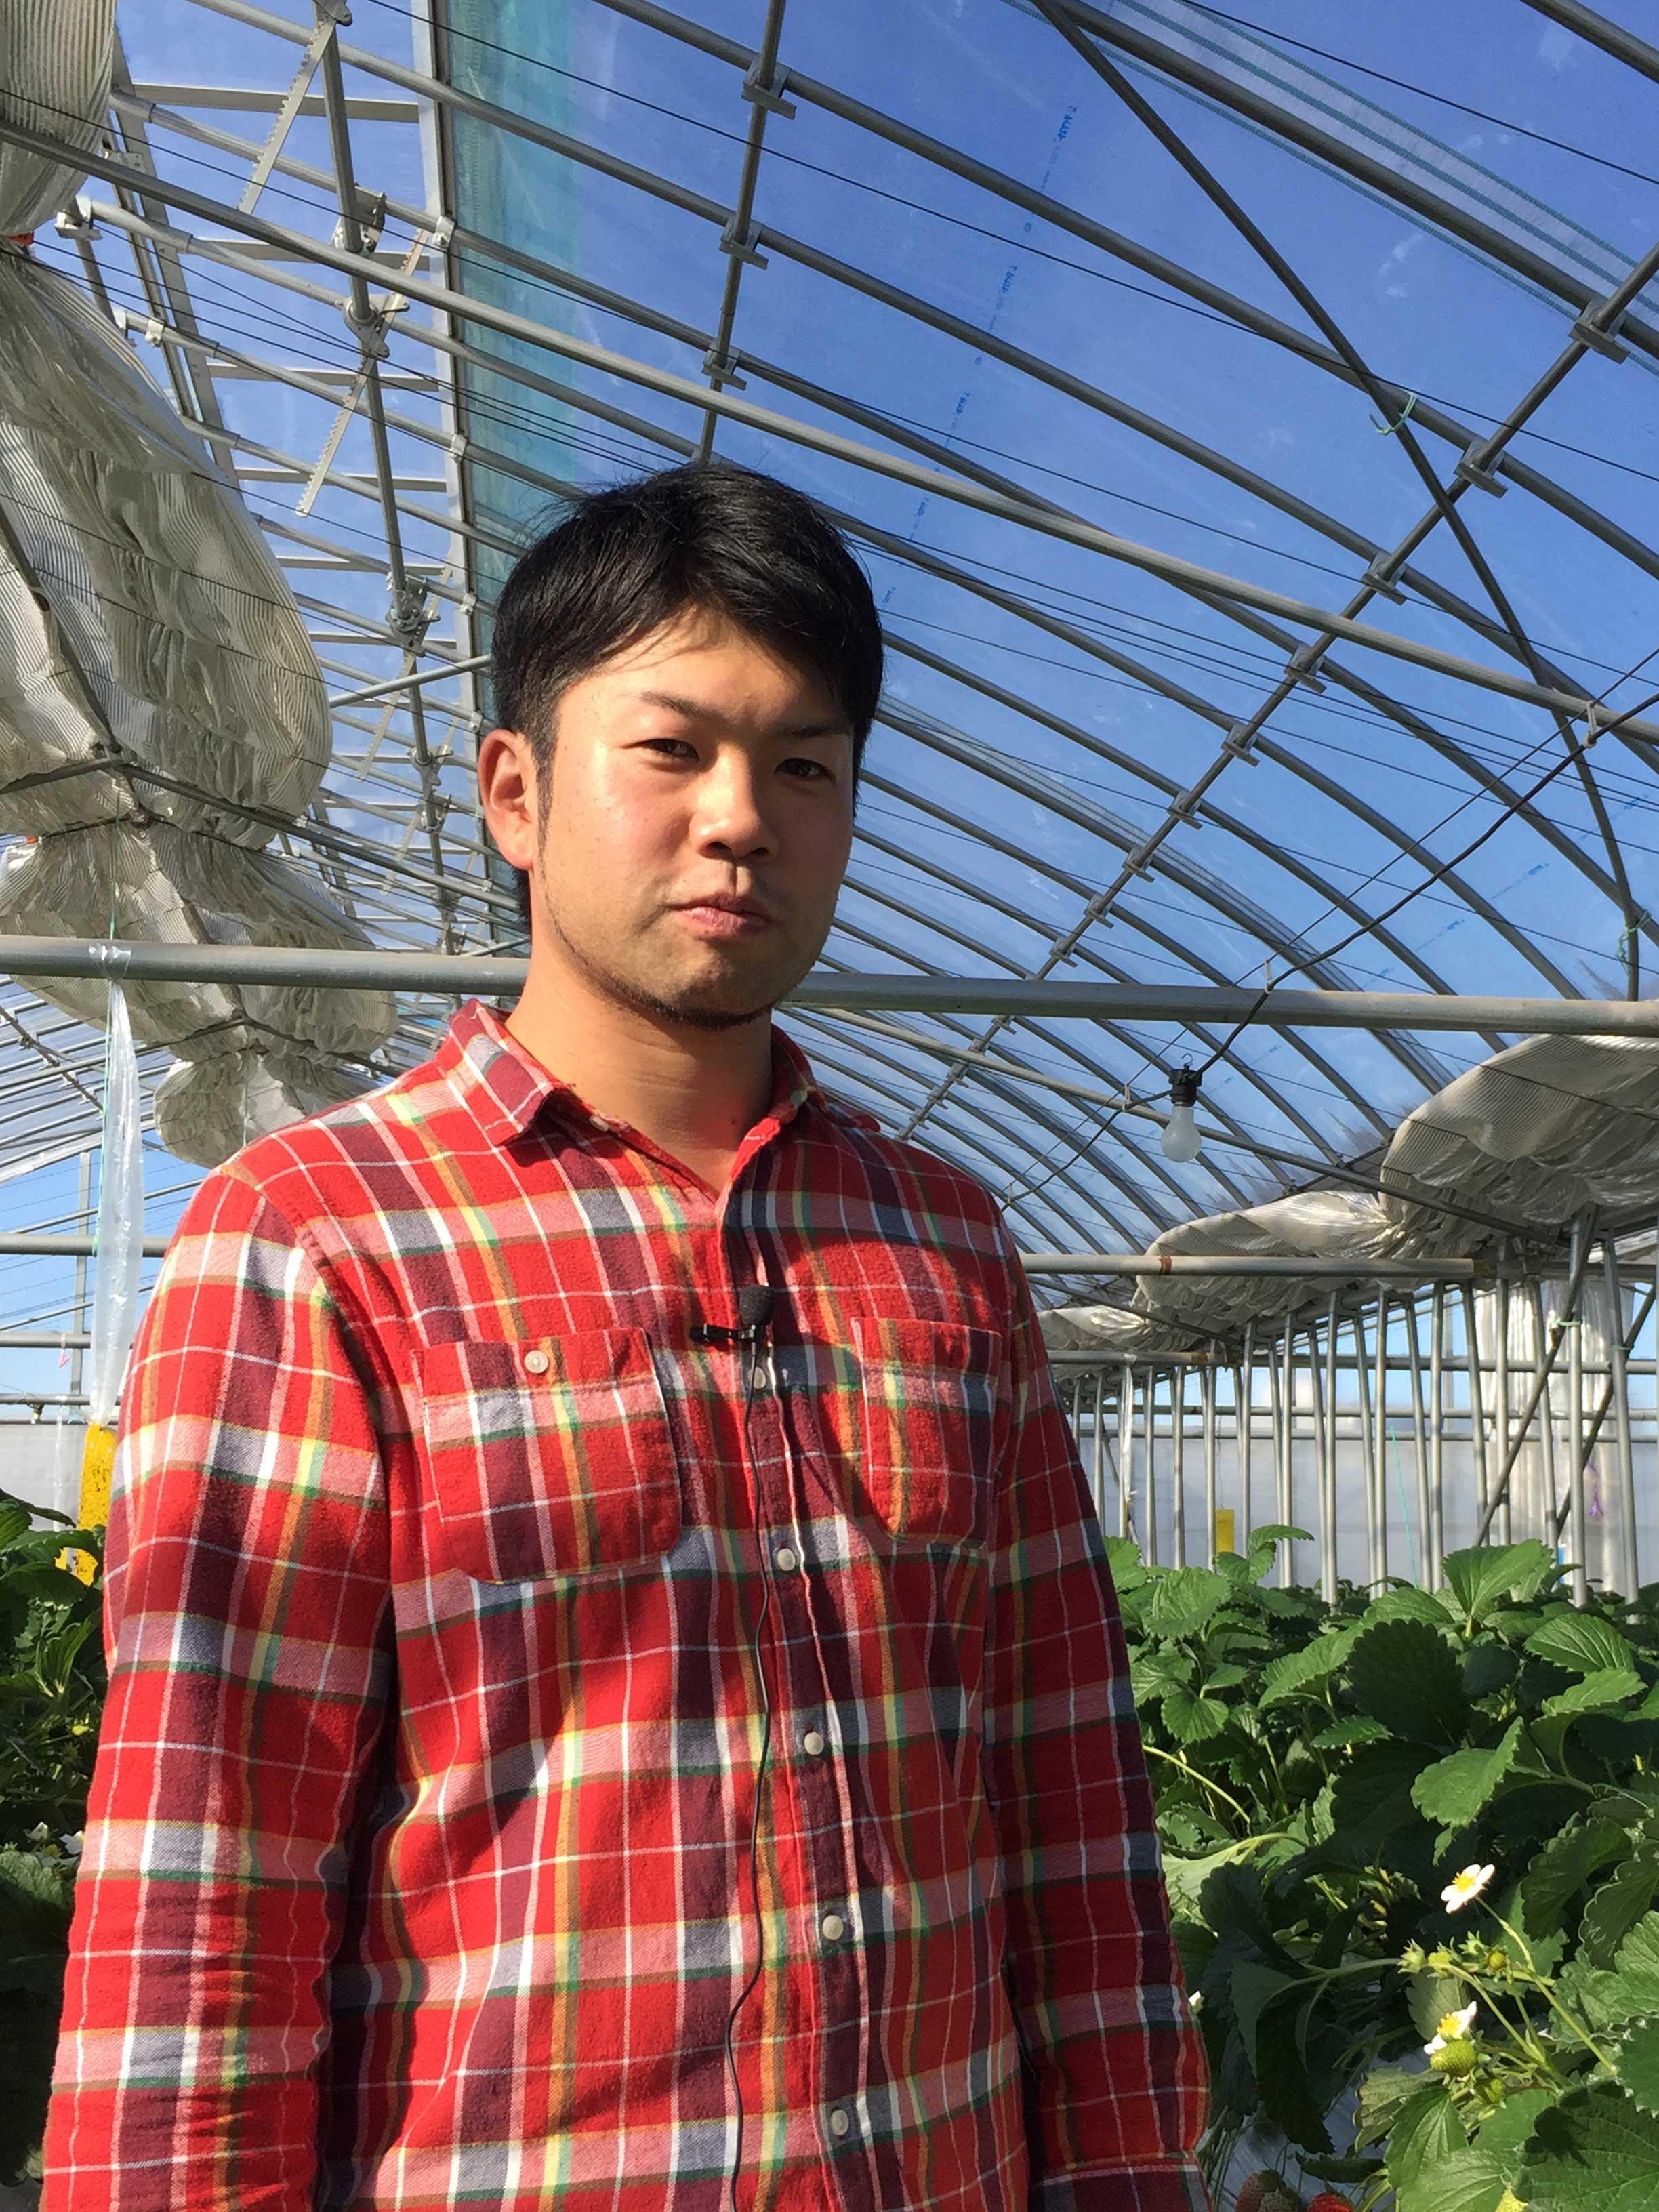 「顔の見える都市農業を実践したい」長澤 佑典さん